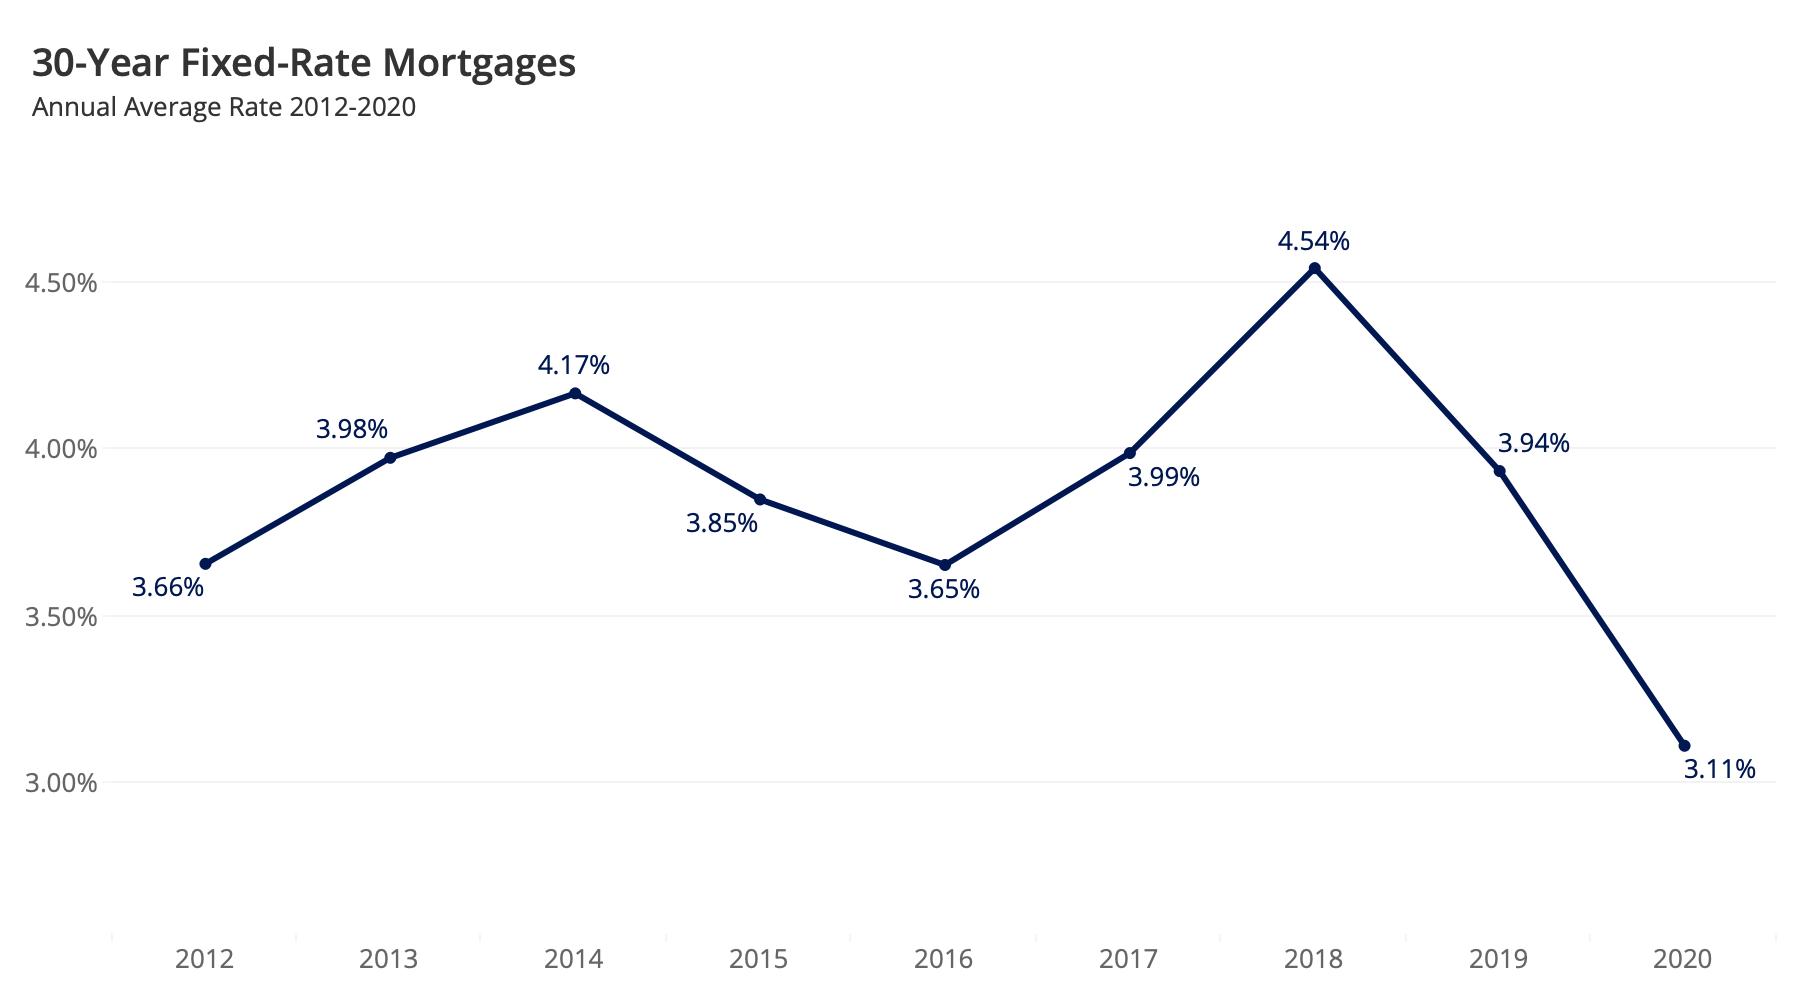 Lãi suất thế chấp cố định 30 năm trong chín năm qua. Hãy nhắm mục tiêu niêm yết căn nhà của bạn trên thị trường khi giá thấp nhất để thu hút nhiều người mua nhà hơn trên thị trường. Khi lãi suất cao, người mua khó có thể trả được các khoản vay đắt đỏ.